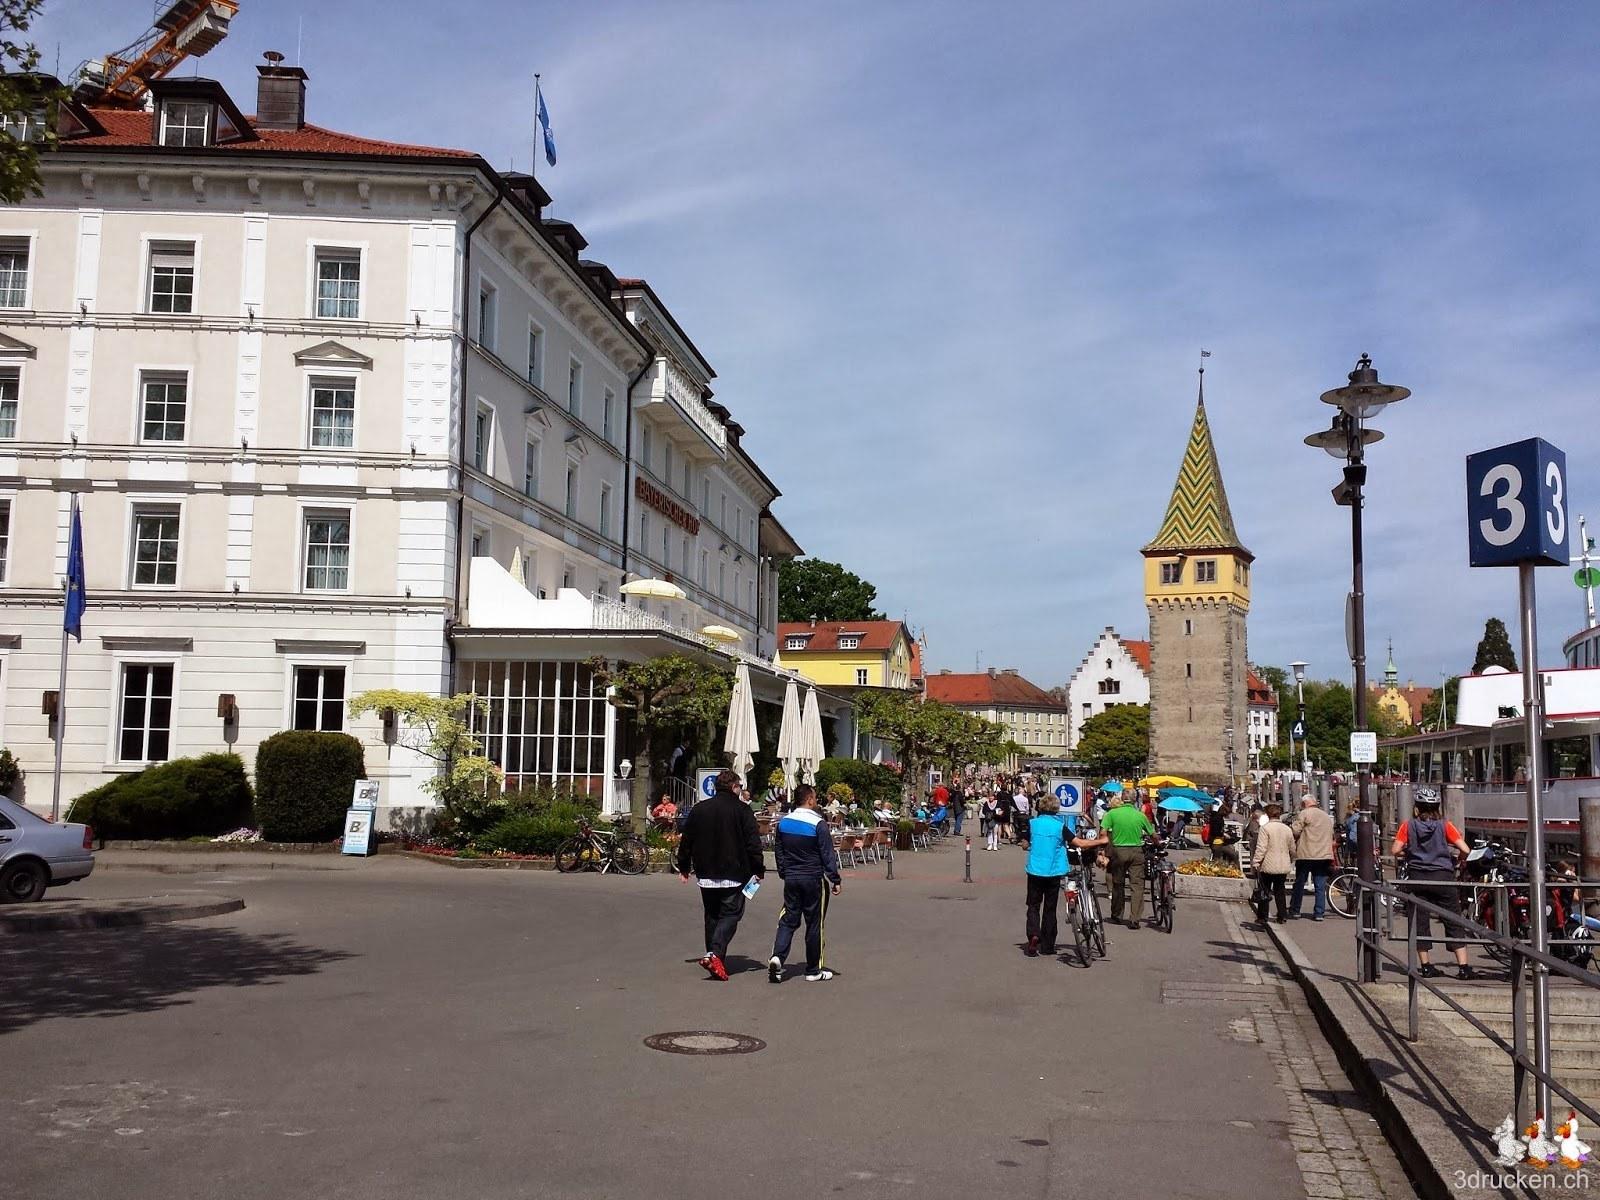 Foto in Richtung der Fussgängerzone am Hafen mit dem markanten Turm